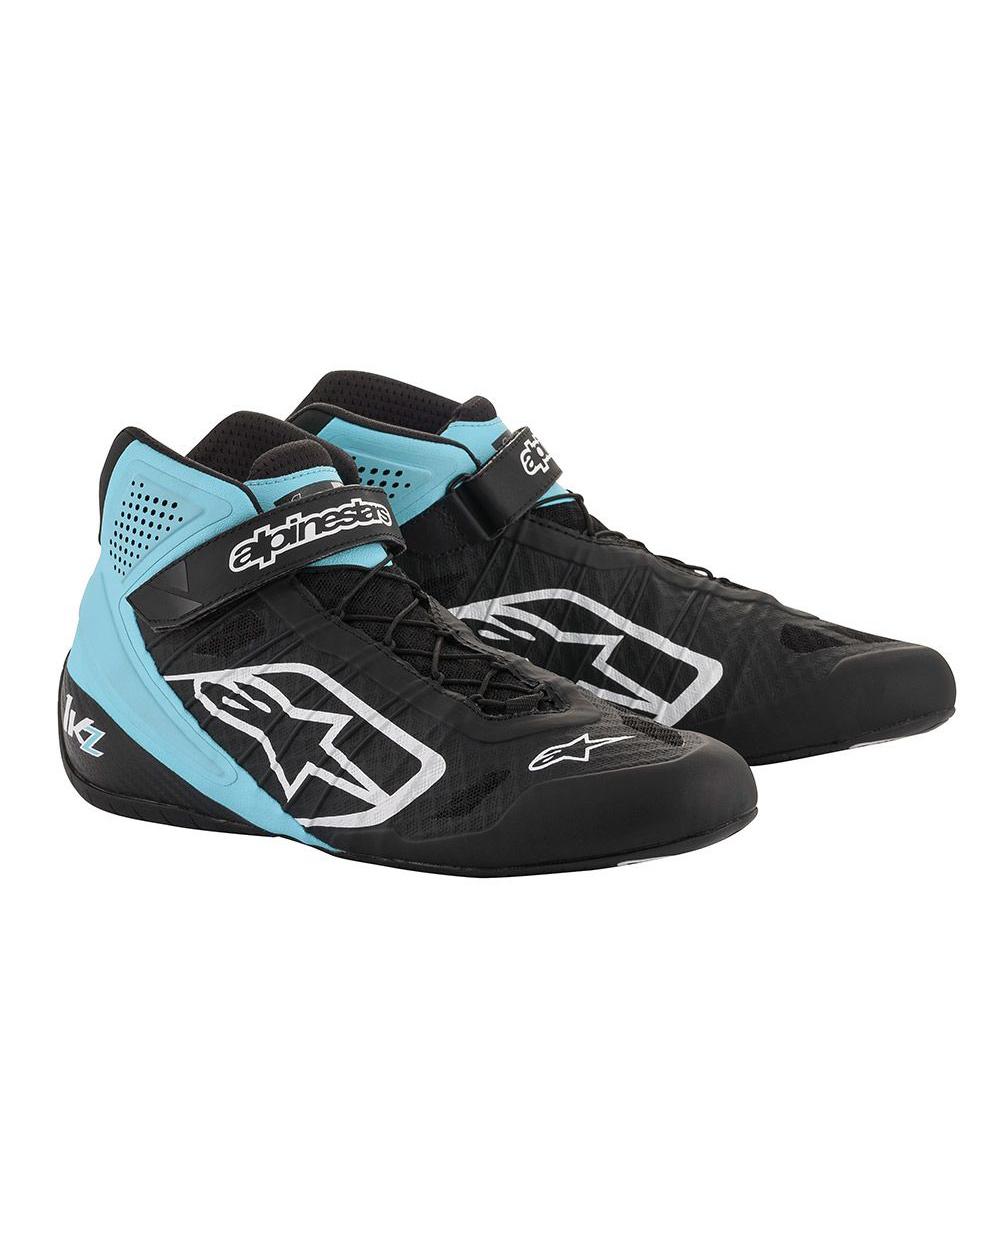 Alpinestars Tech-1 KZ Chaussures Noir Turquoise